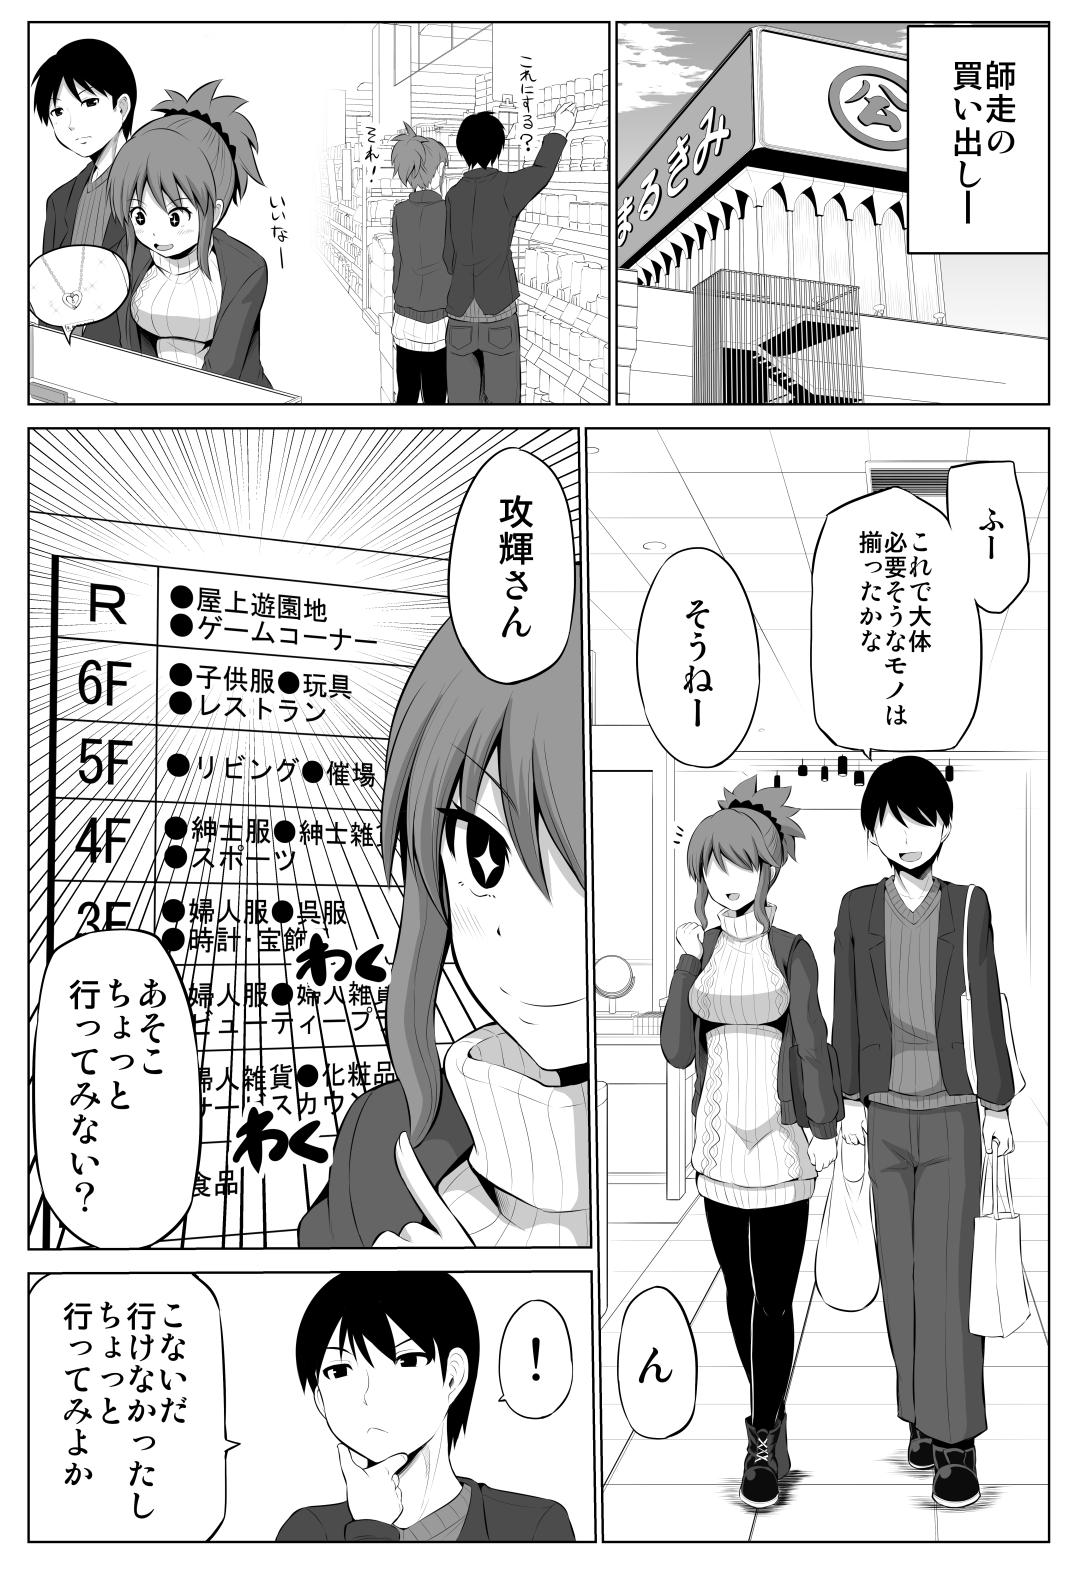 【第29話】防御力ゼロの嫁 屋上遊園地編